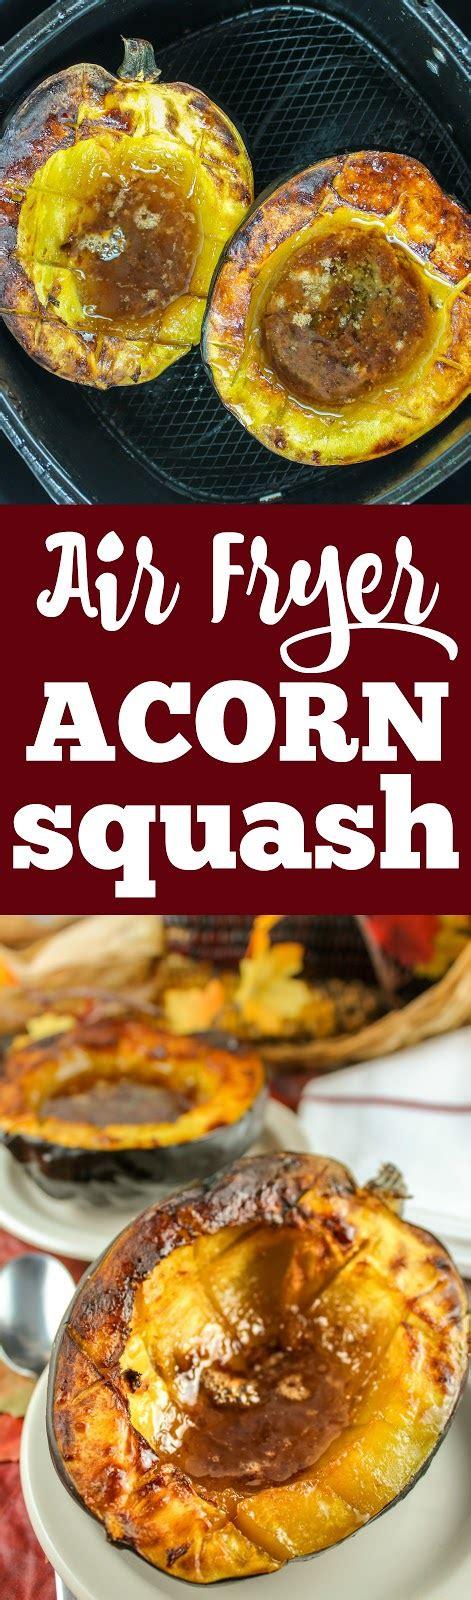 air squash acorn fryer easy recipes recipe thefoodhussy dad did hussy fry